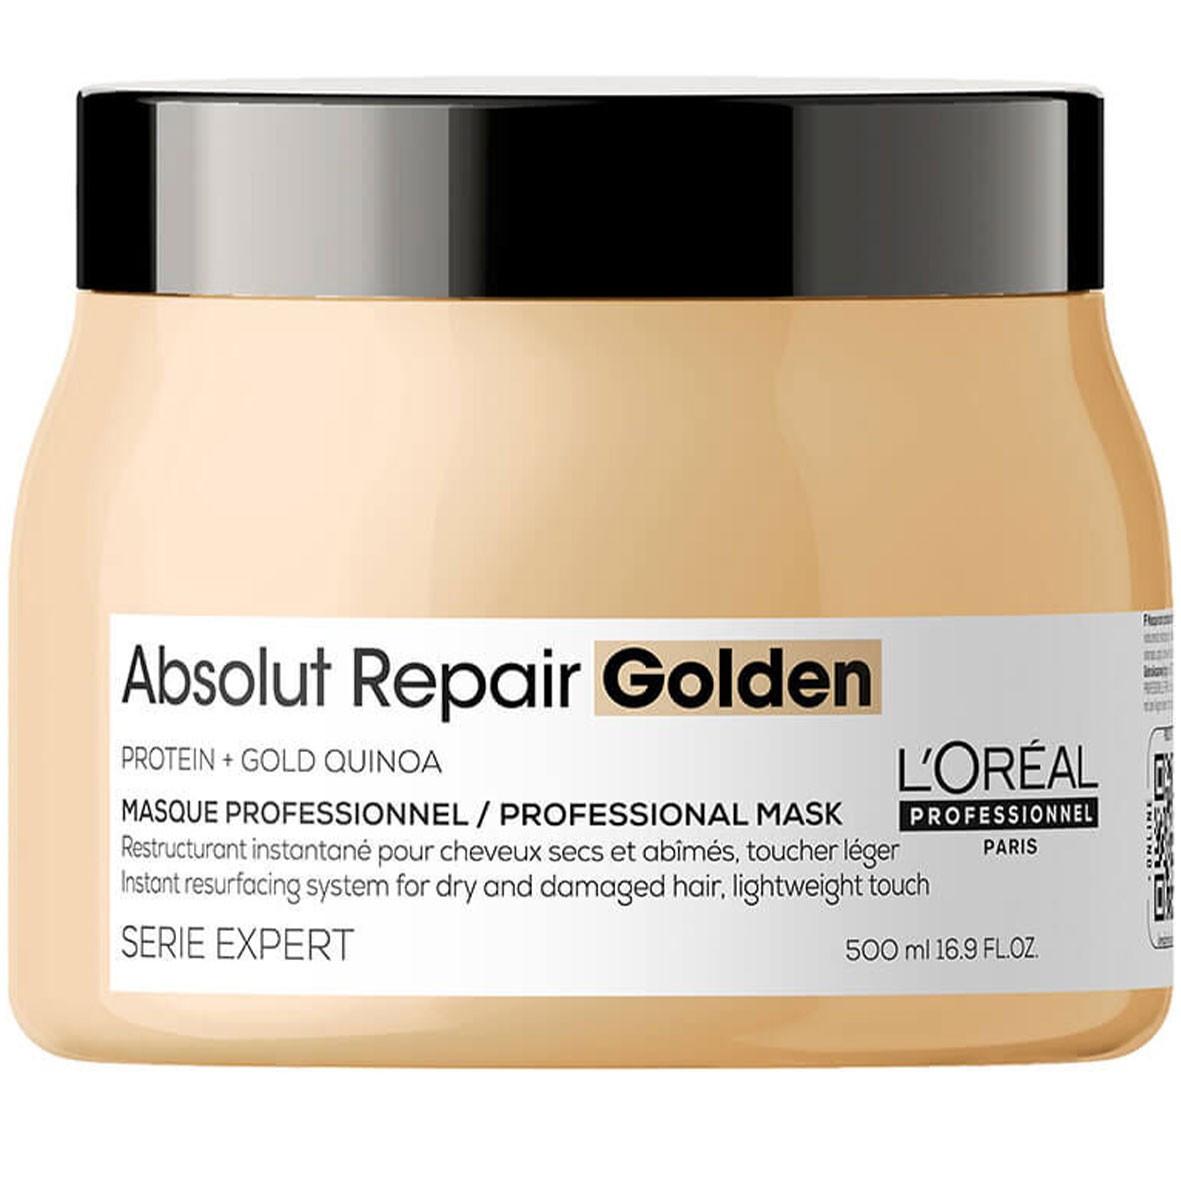 Маска для восстановления волос золотая LOreal Absolut Repair Gold Quinoa Golden NEW DESIGN 500 мл